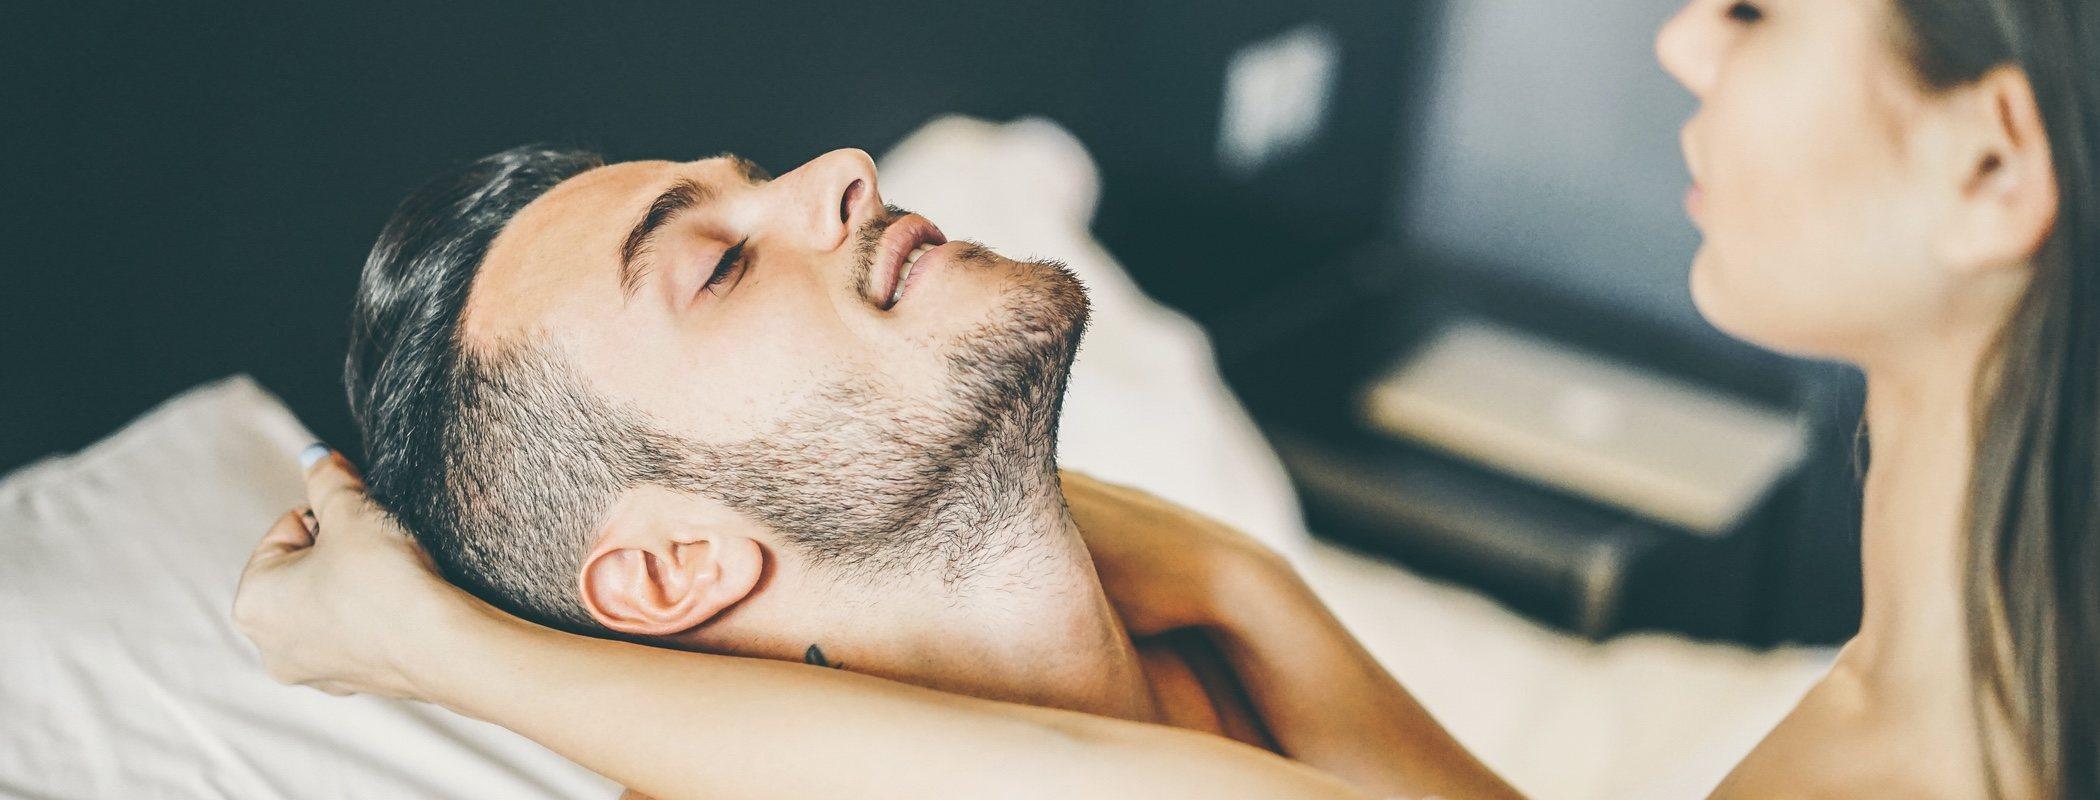 ¿Pueden los hombres ser multiorgásmicos?